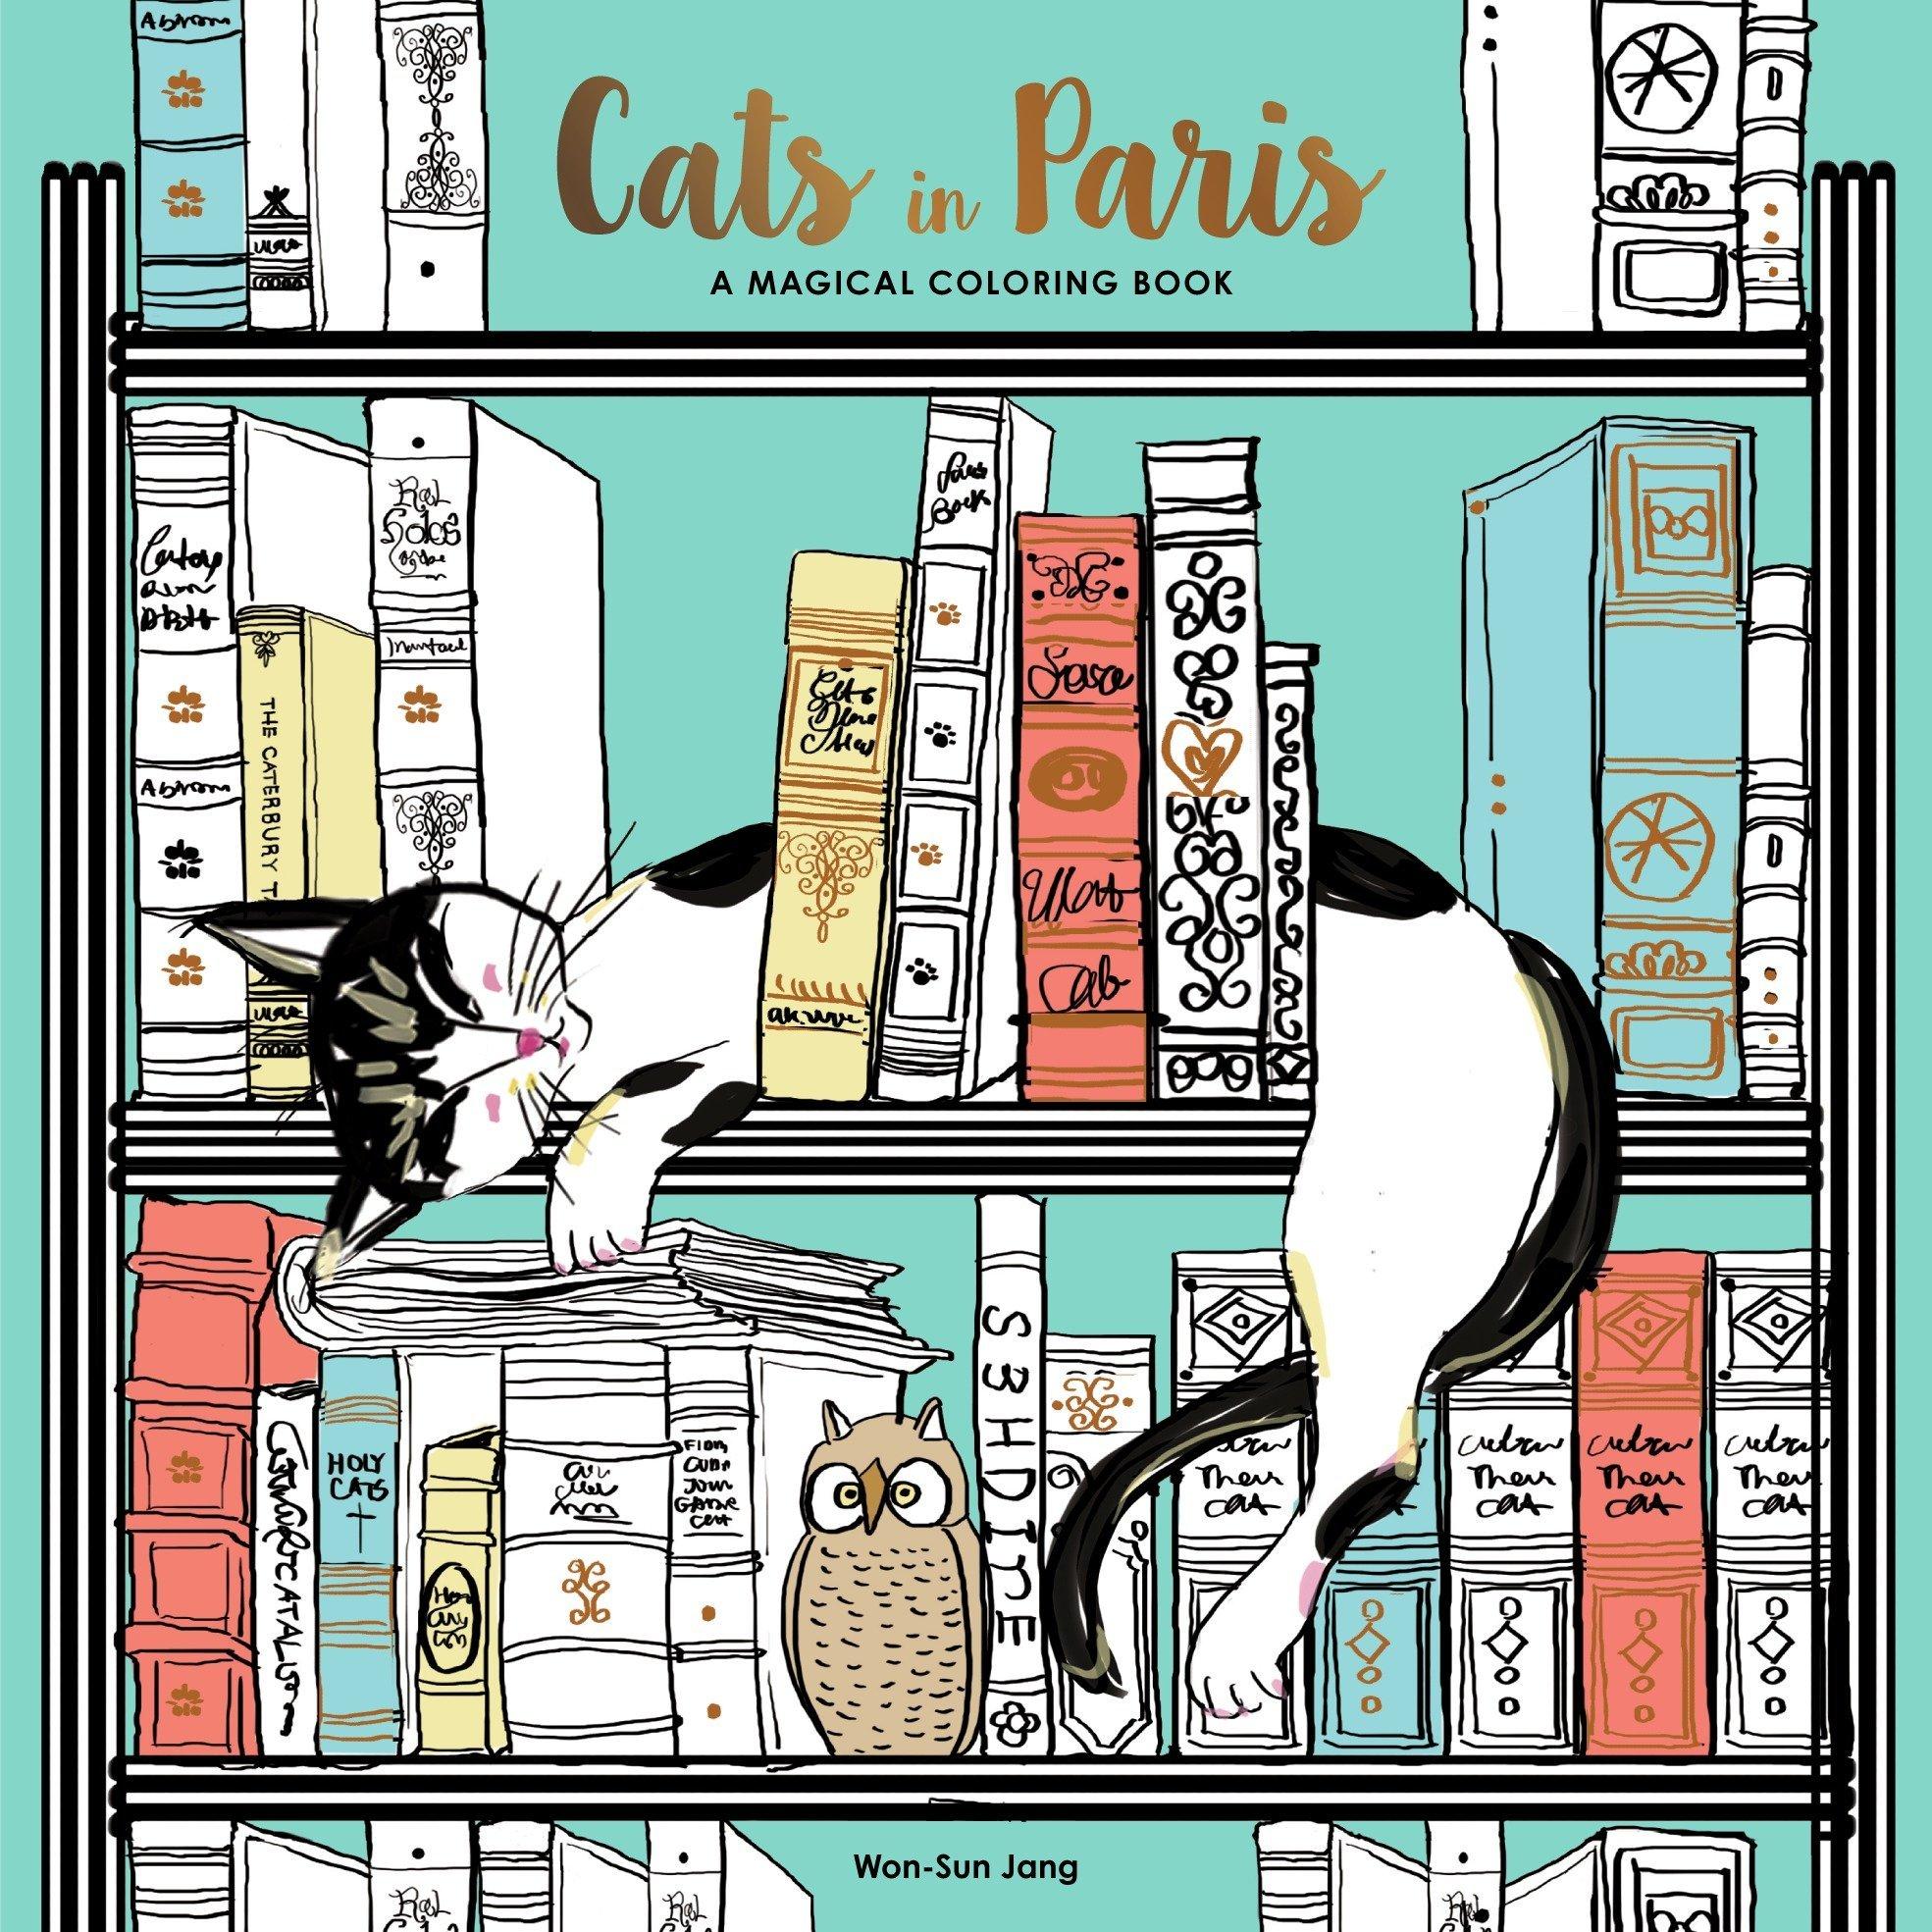 Amazon.com: Cats in Paris: A Magical Coloring Book (9780399578274 ...